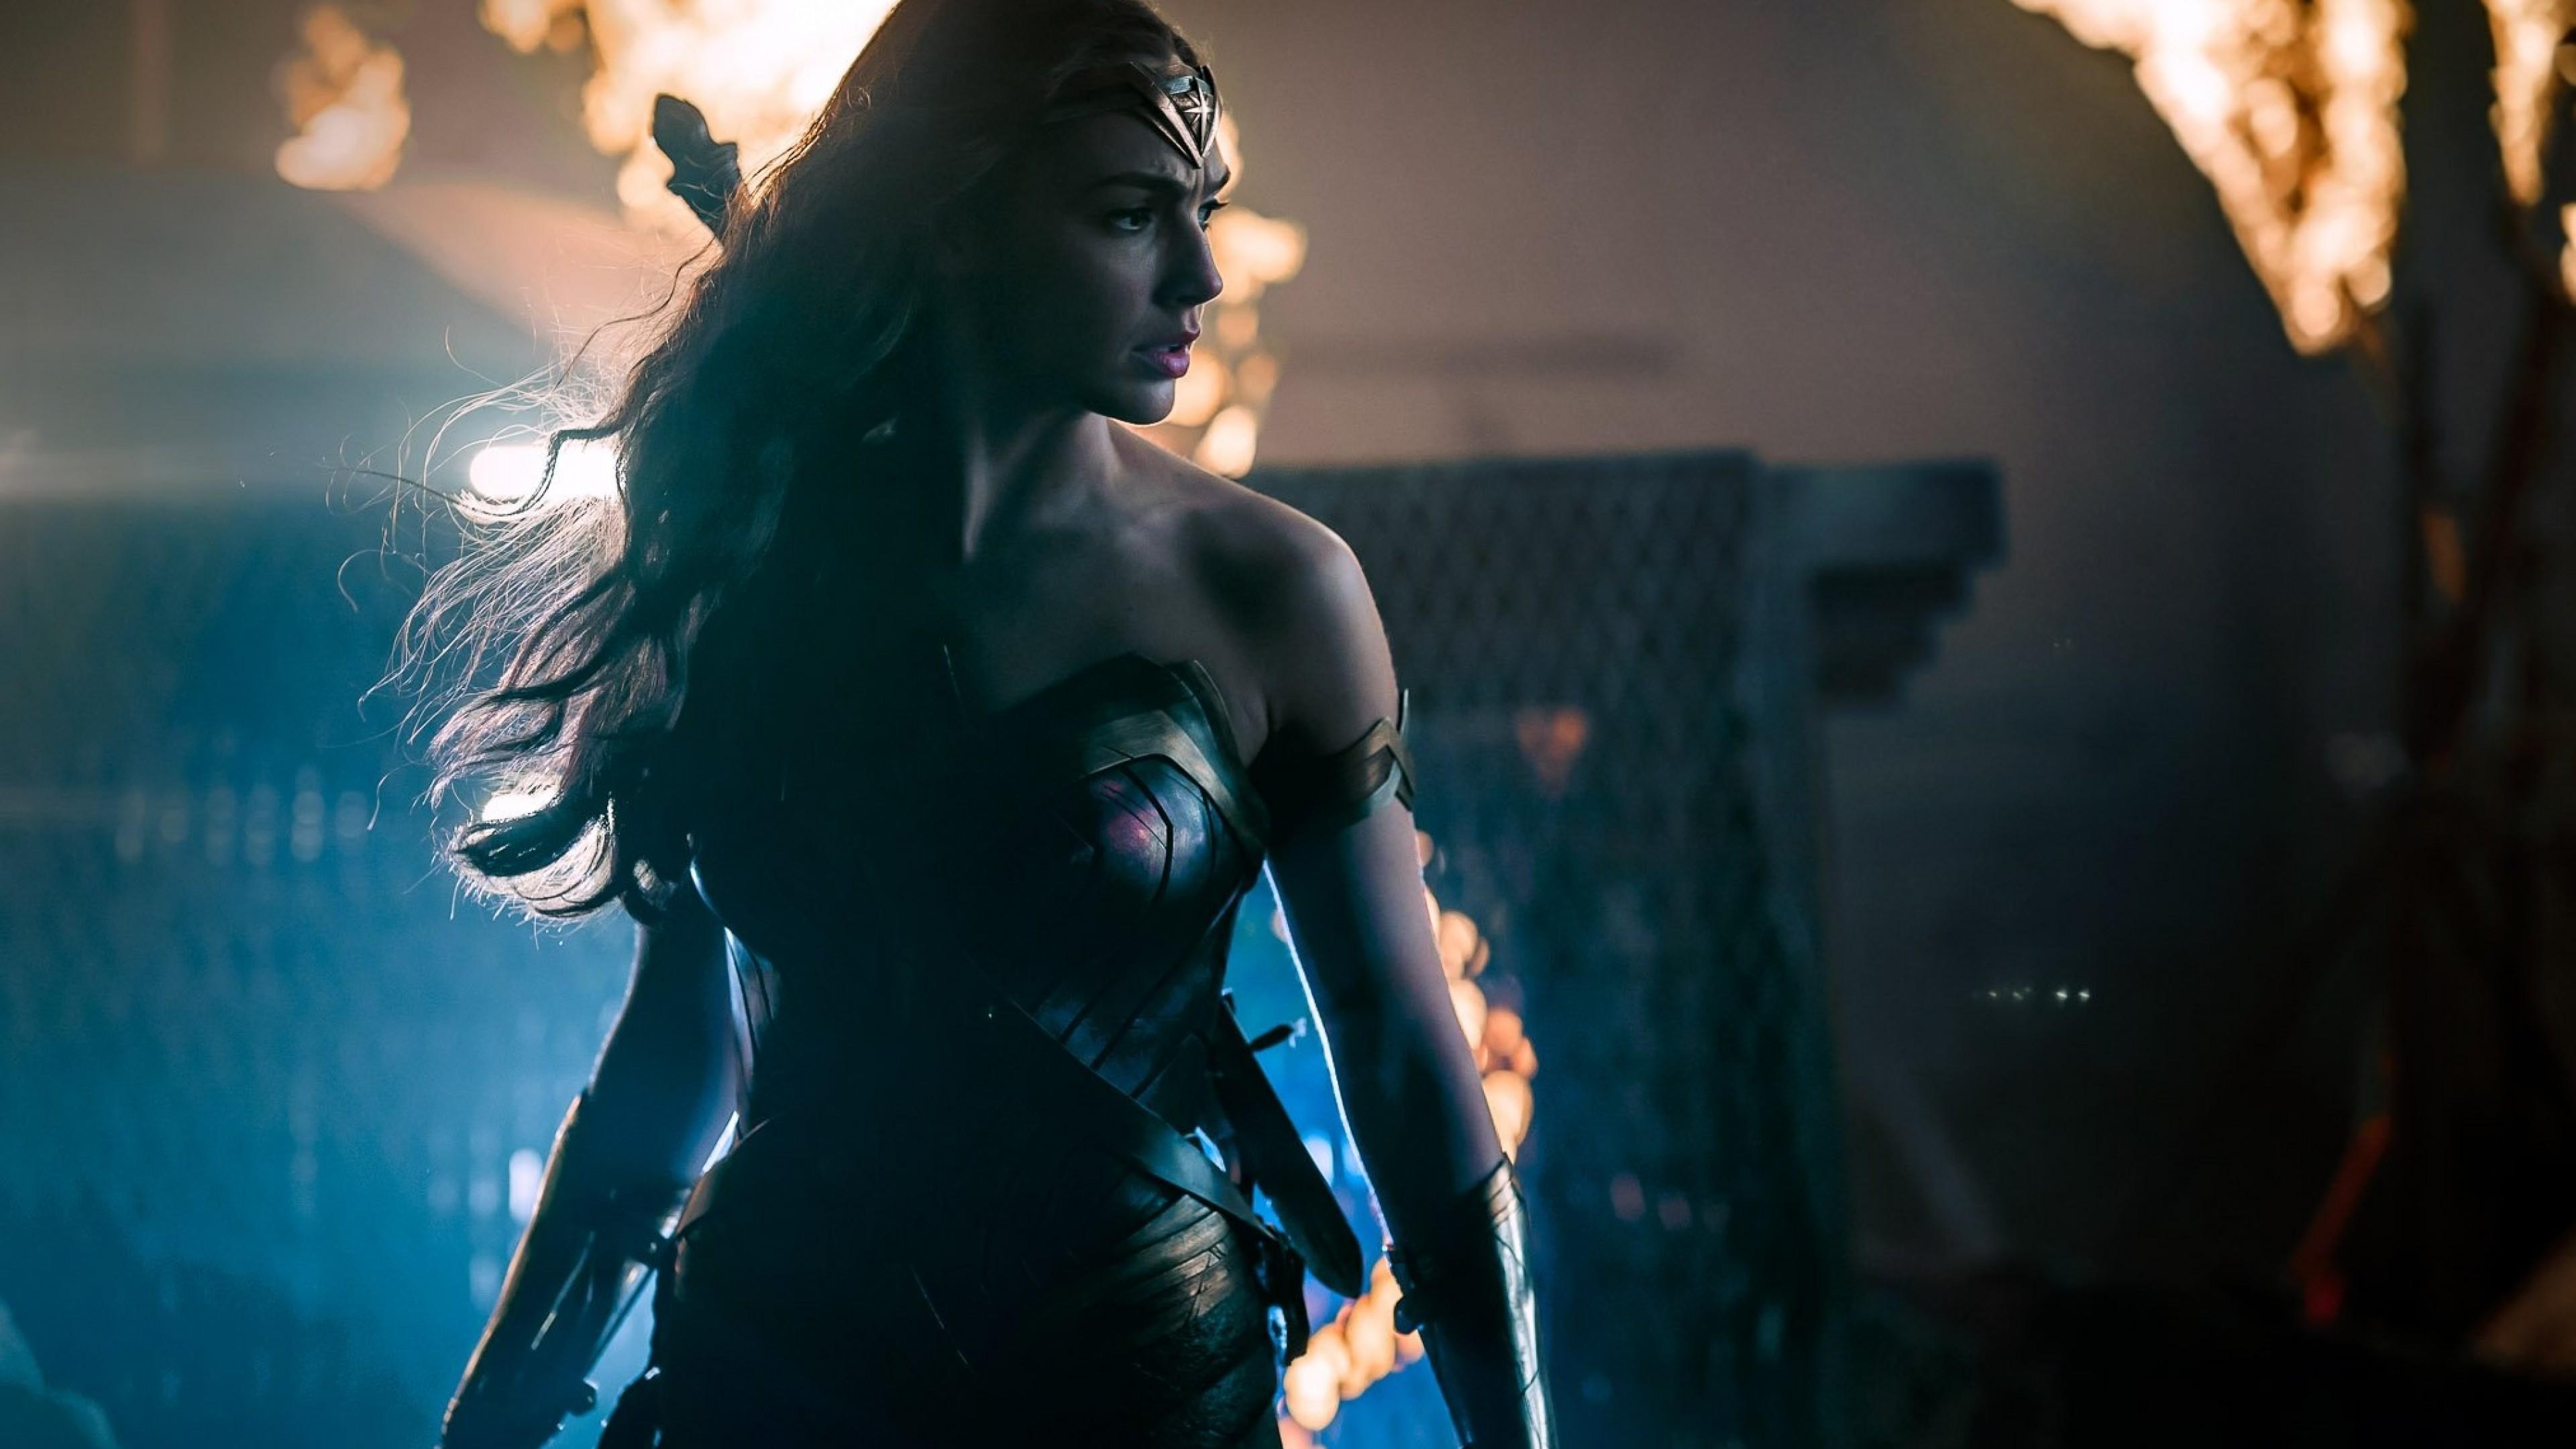 Wonder Woman Justice League 4k Fan Art Hd Movies 4k: Wallpaper Justice League, Wonder Woman, Gal Gadot, 4k